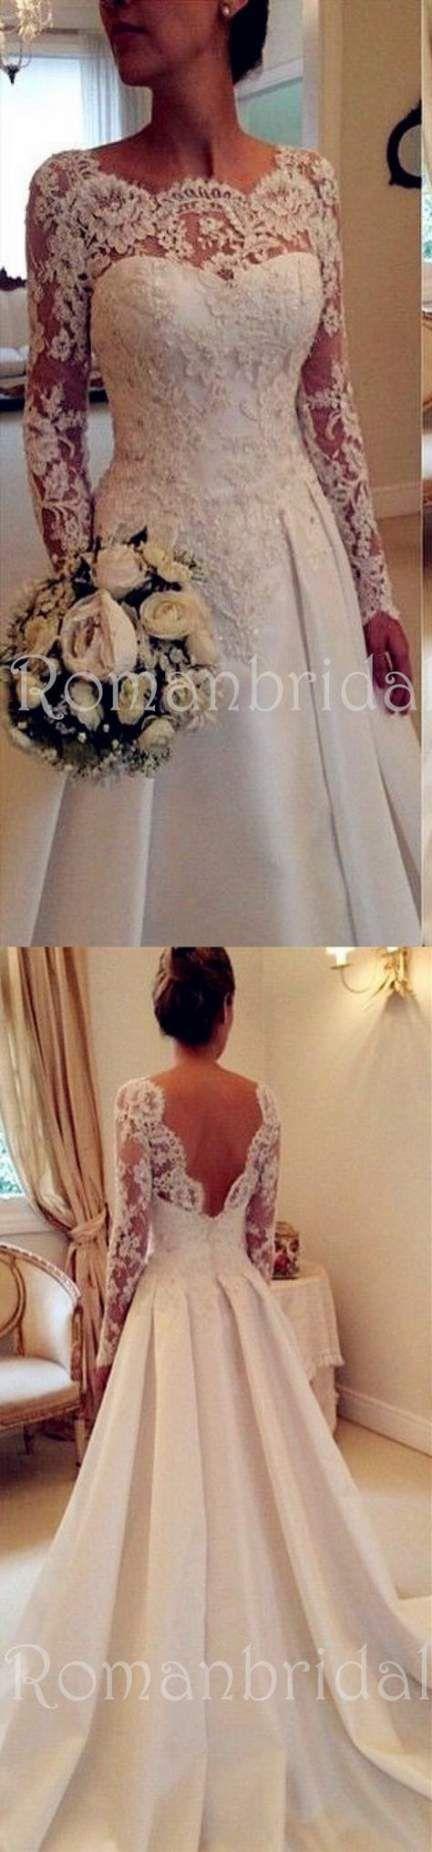 Best dress wedding open backs lace long sleeve 62+ Ideas